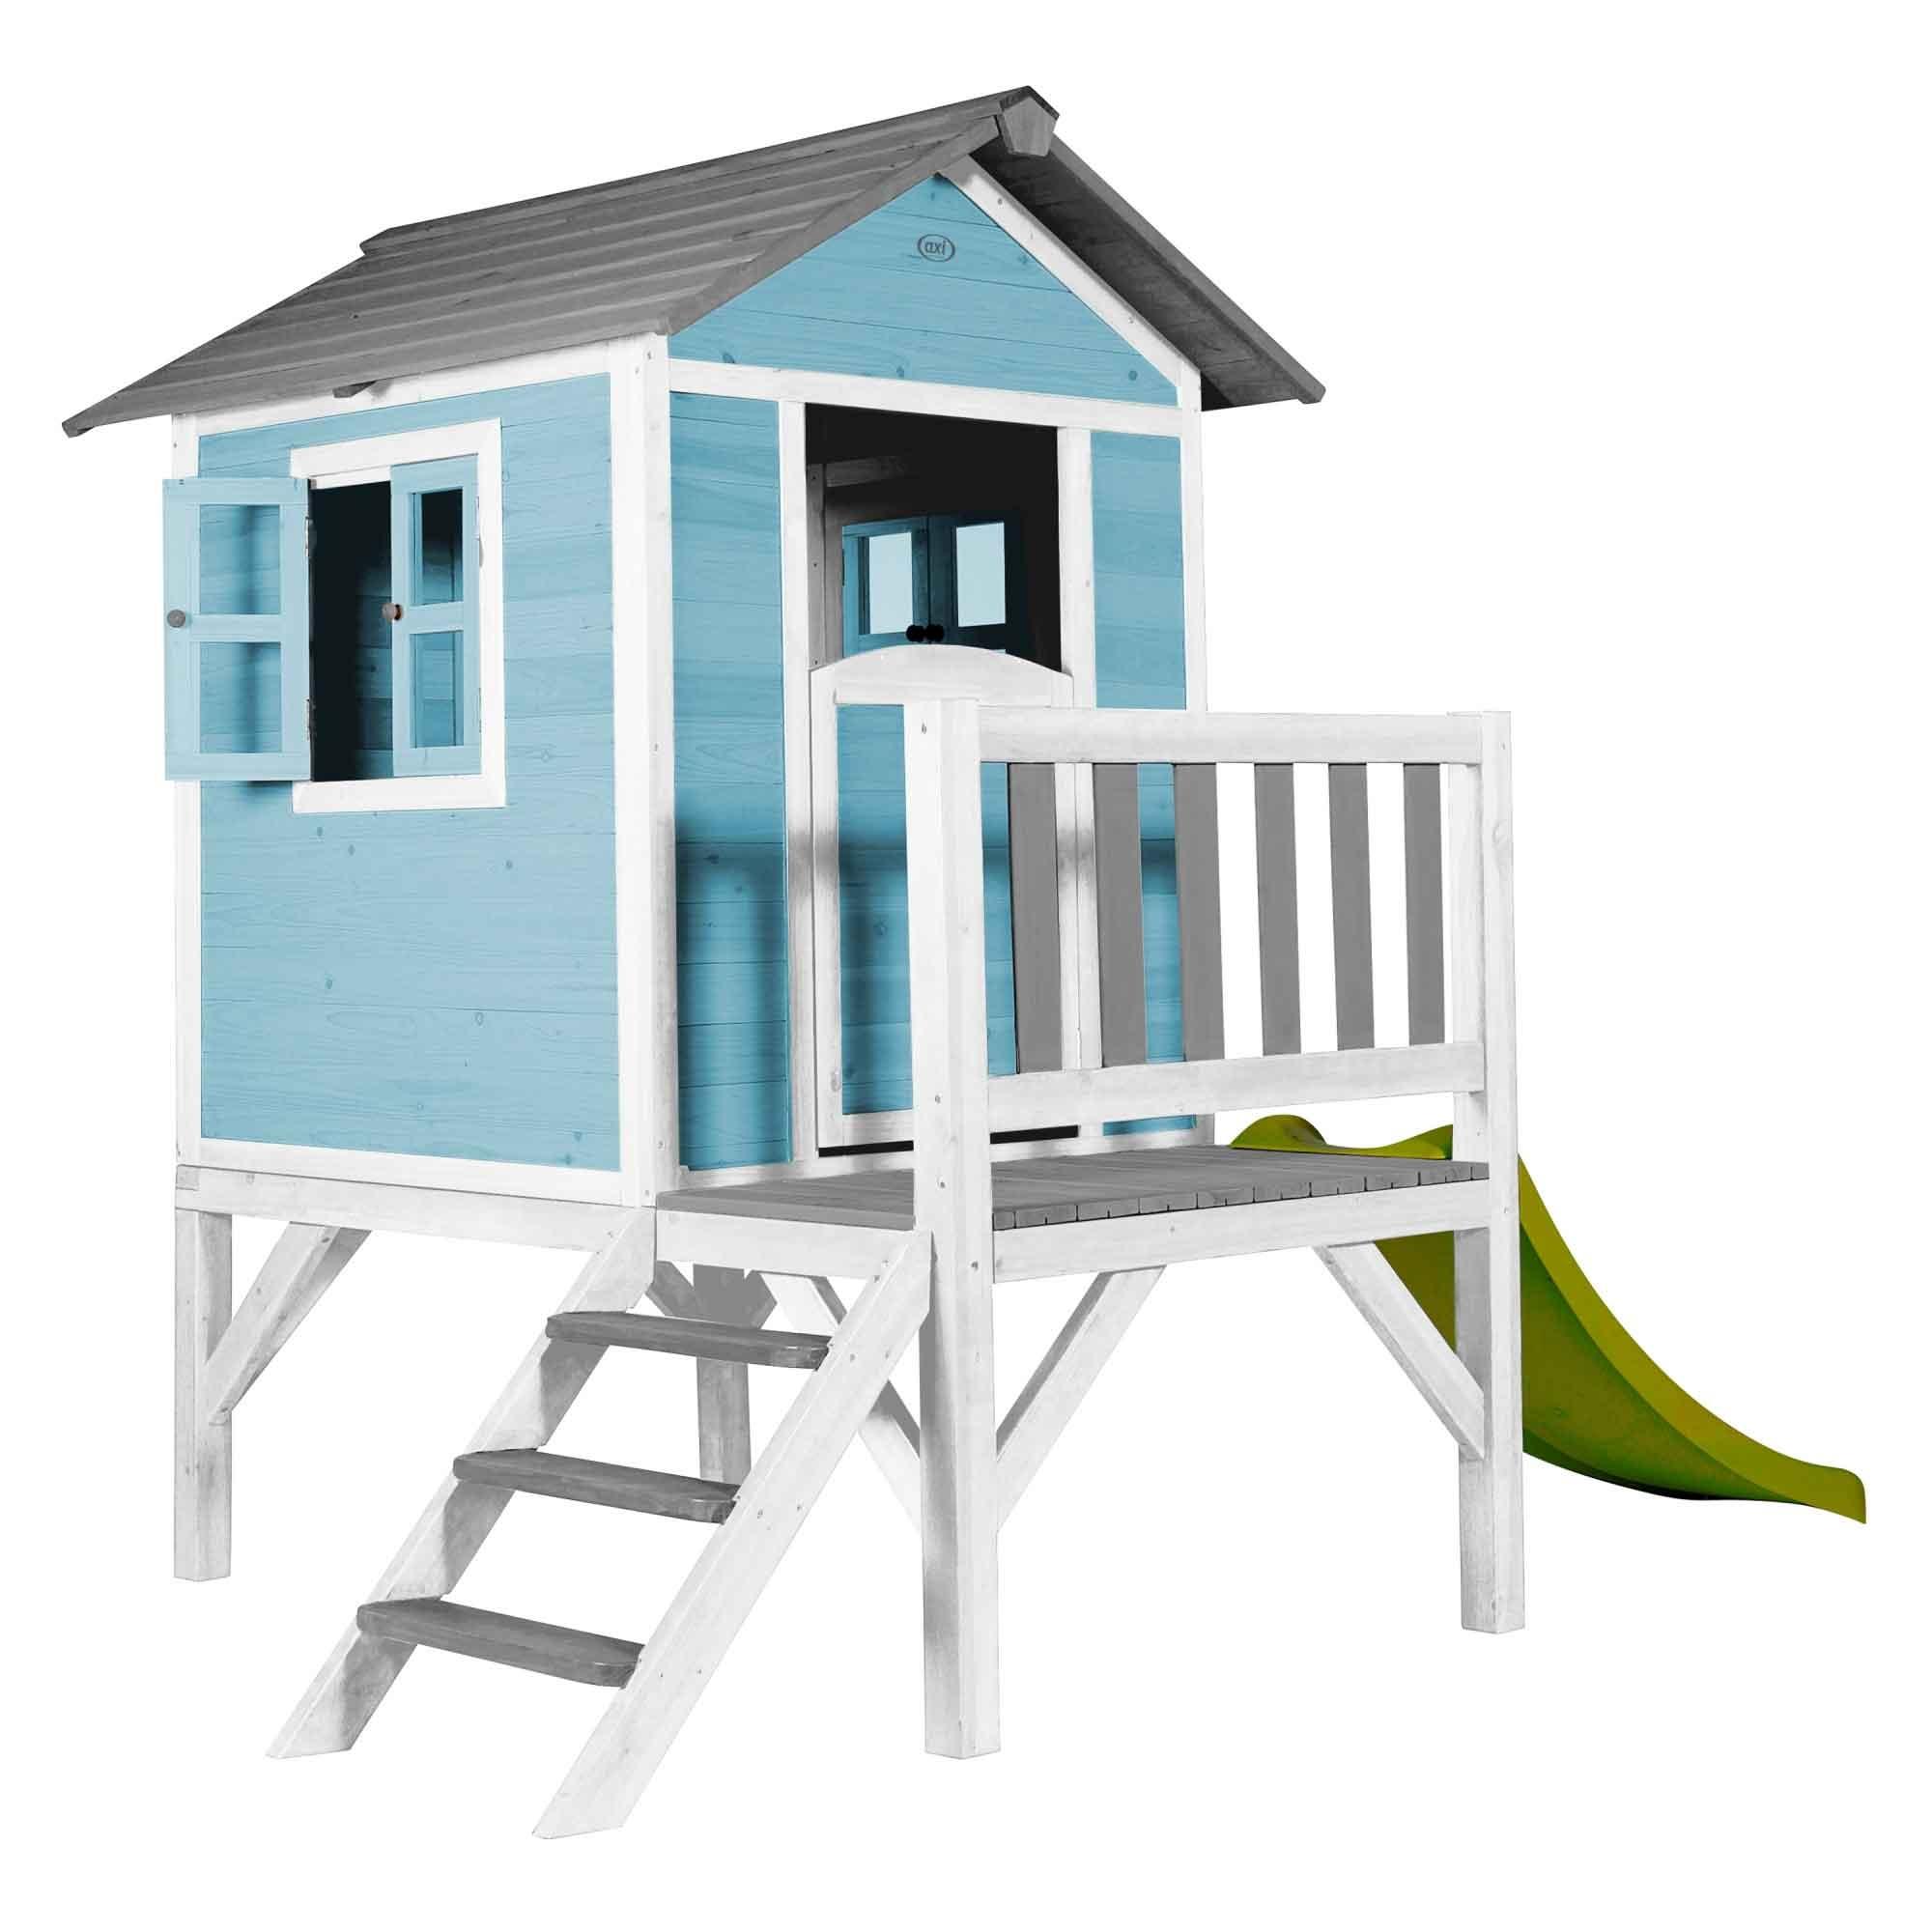 Cabane enfant sur pilotis bleue